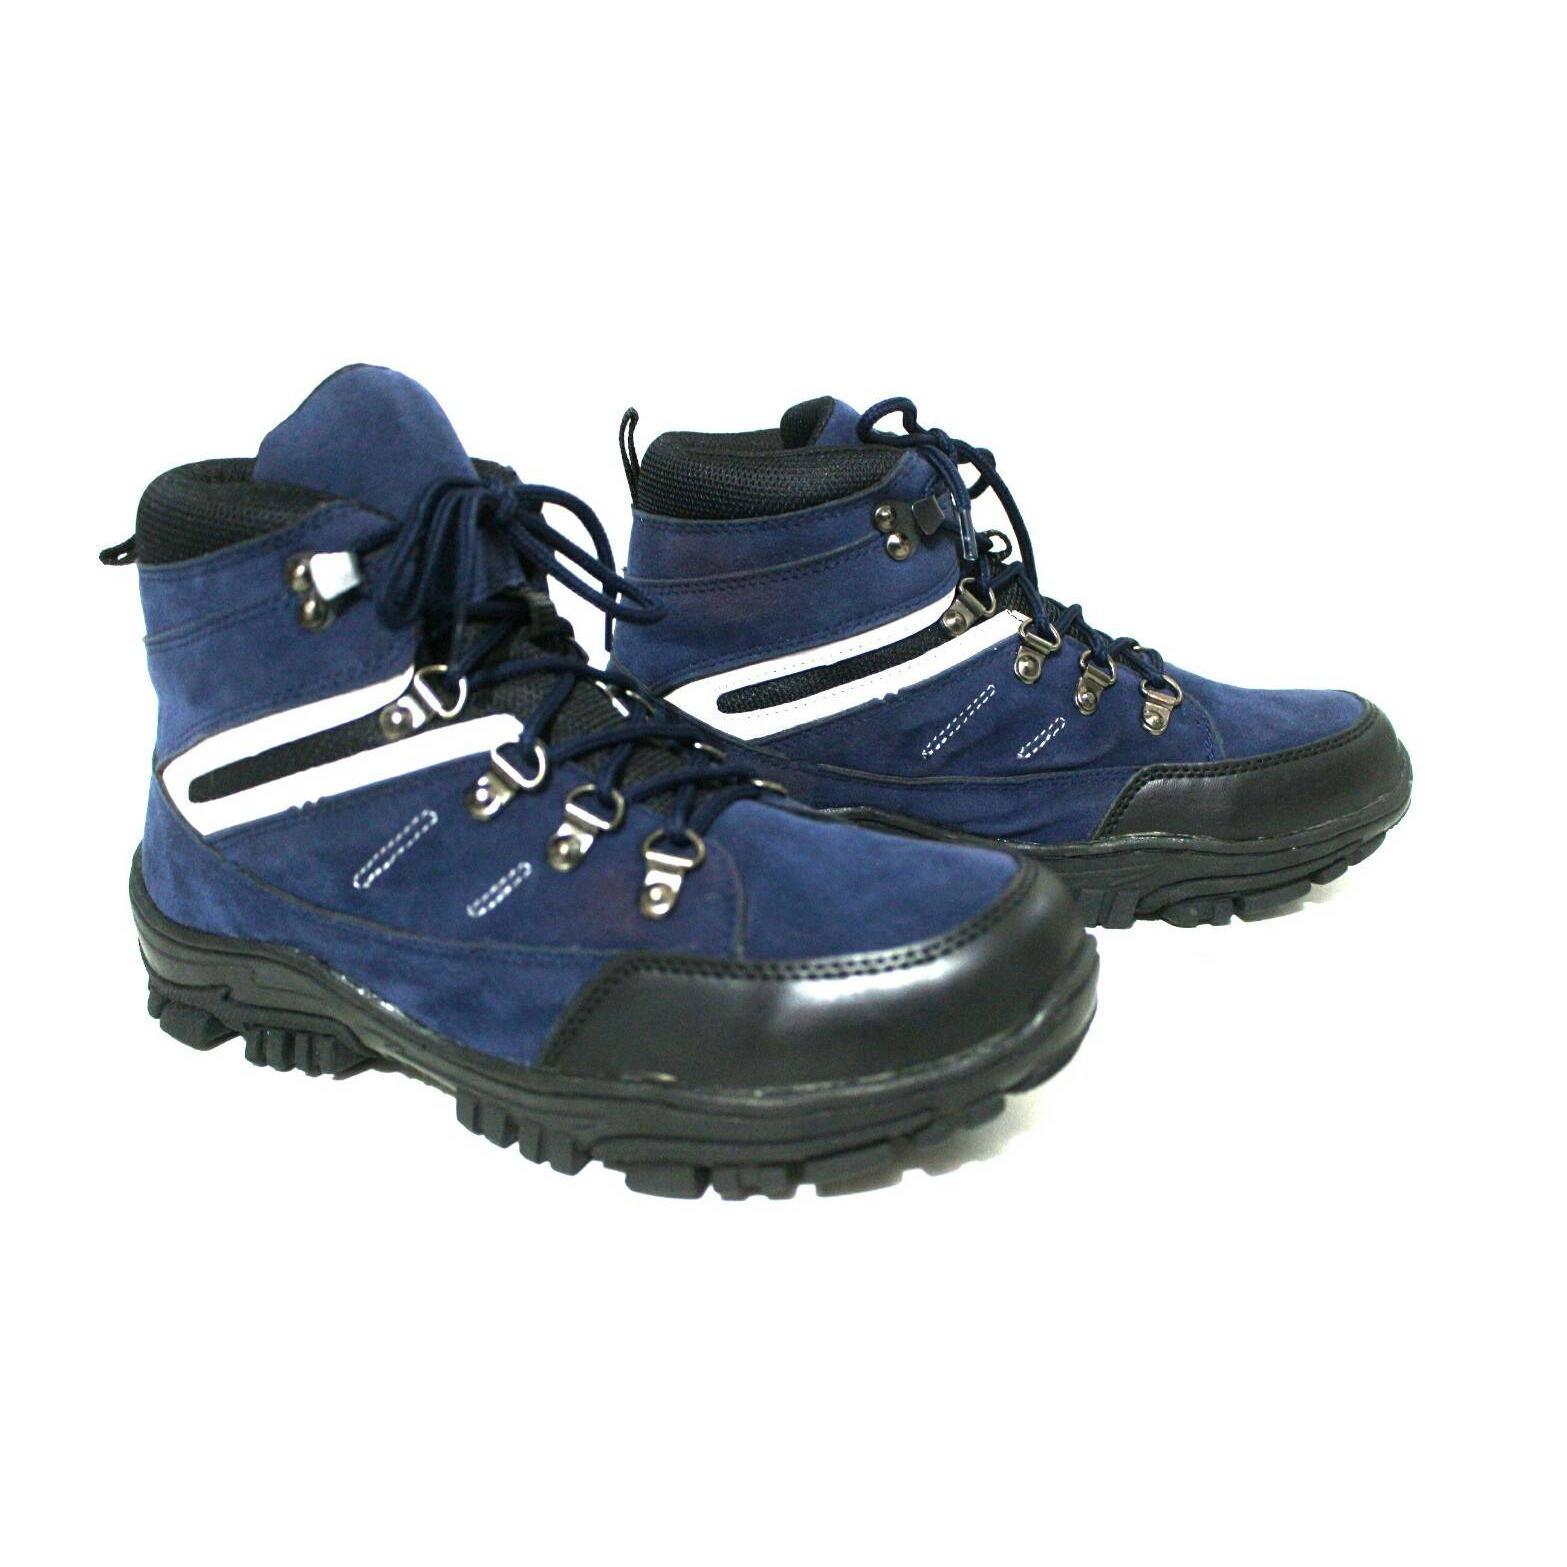 sepatu boots pria cobra black master original kerja hunting hiking